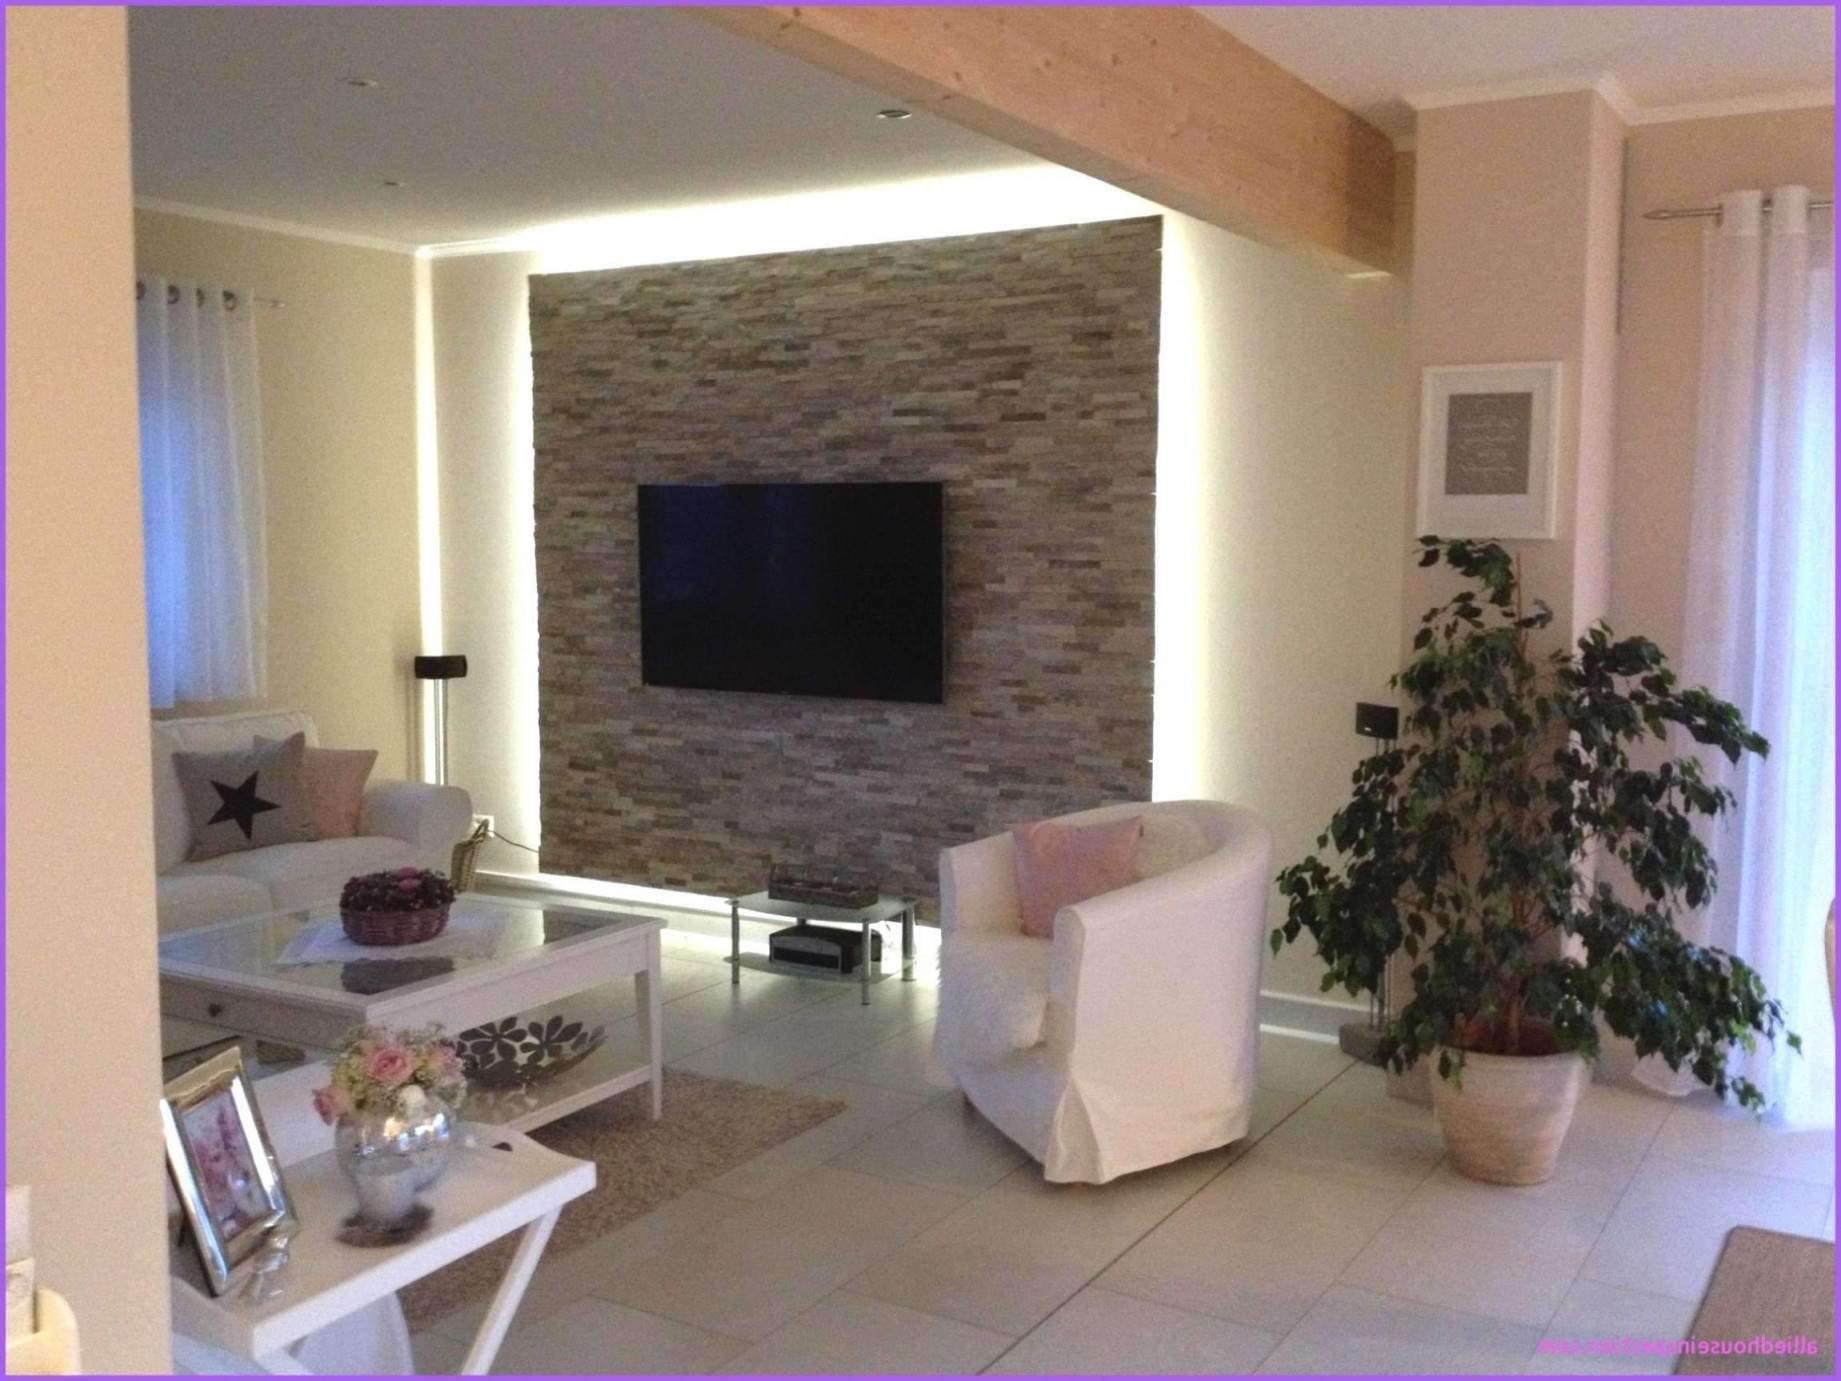 32 Das Beste Von Wohnzimmer Tapeten Ideen Reizend von Tapeten Ideen Wohnzimmer Photo